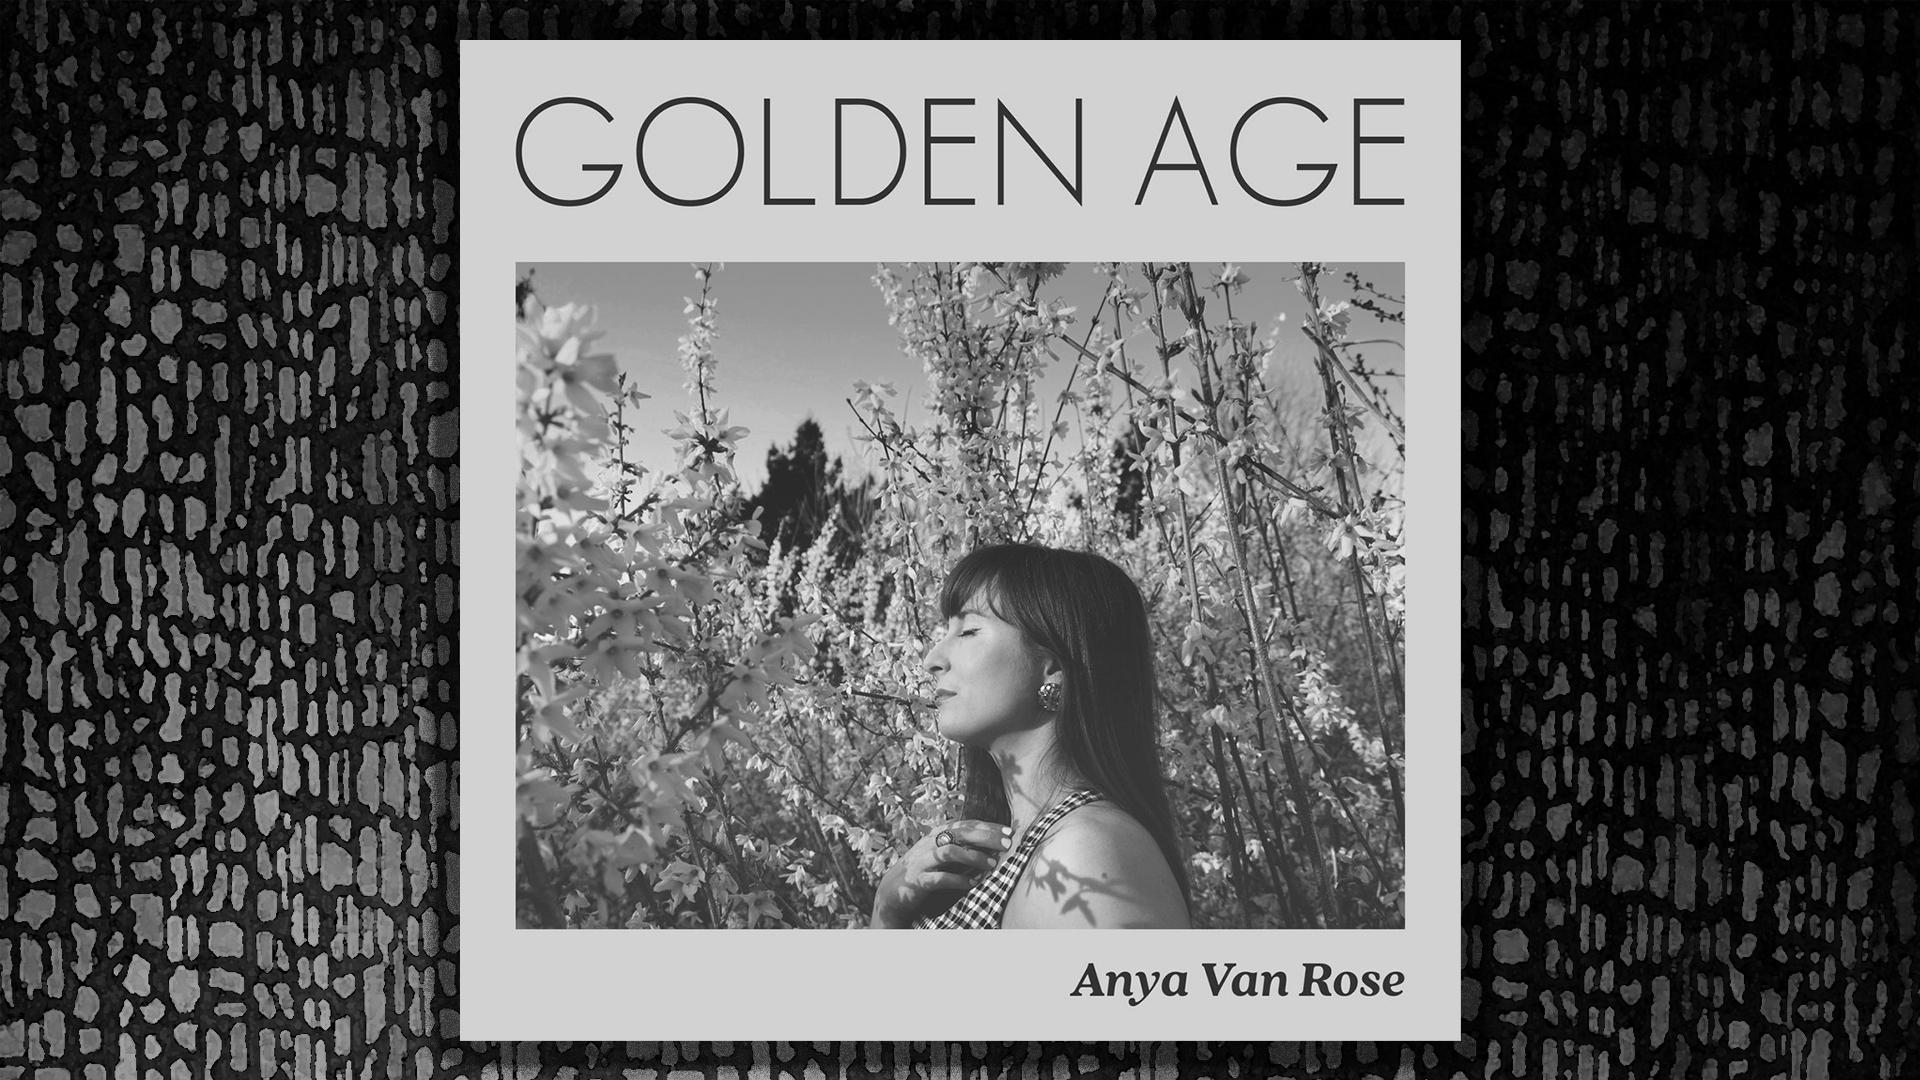 GOLDEN AGE, ANYA VAN ROSE